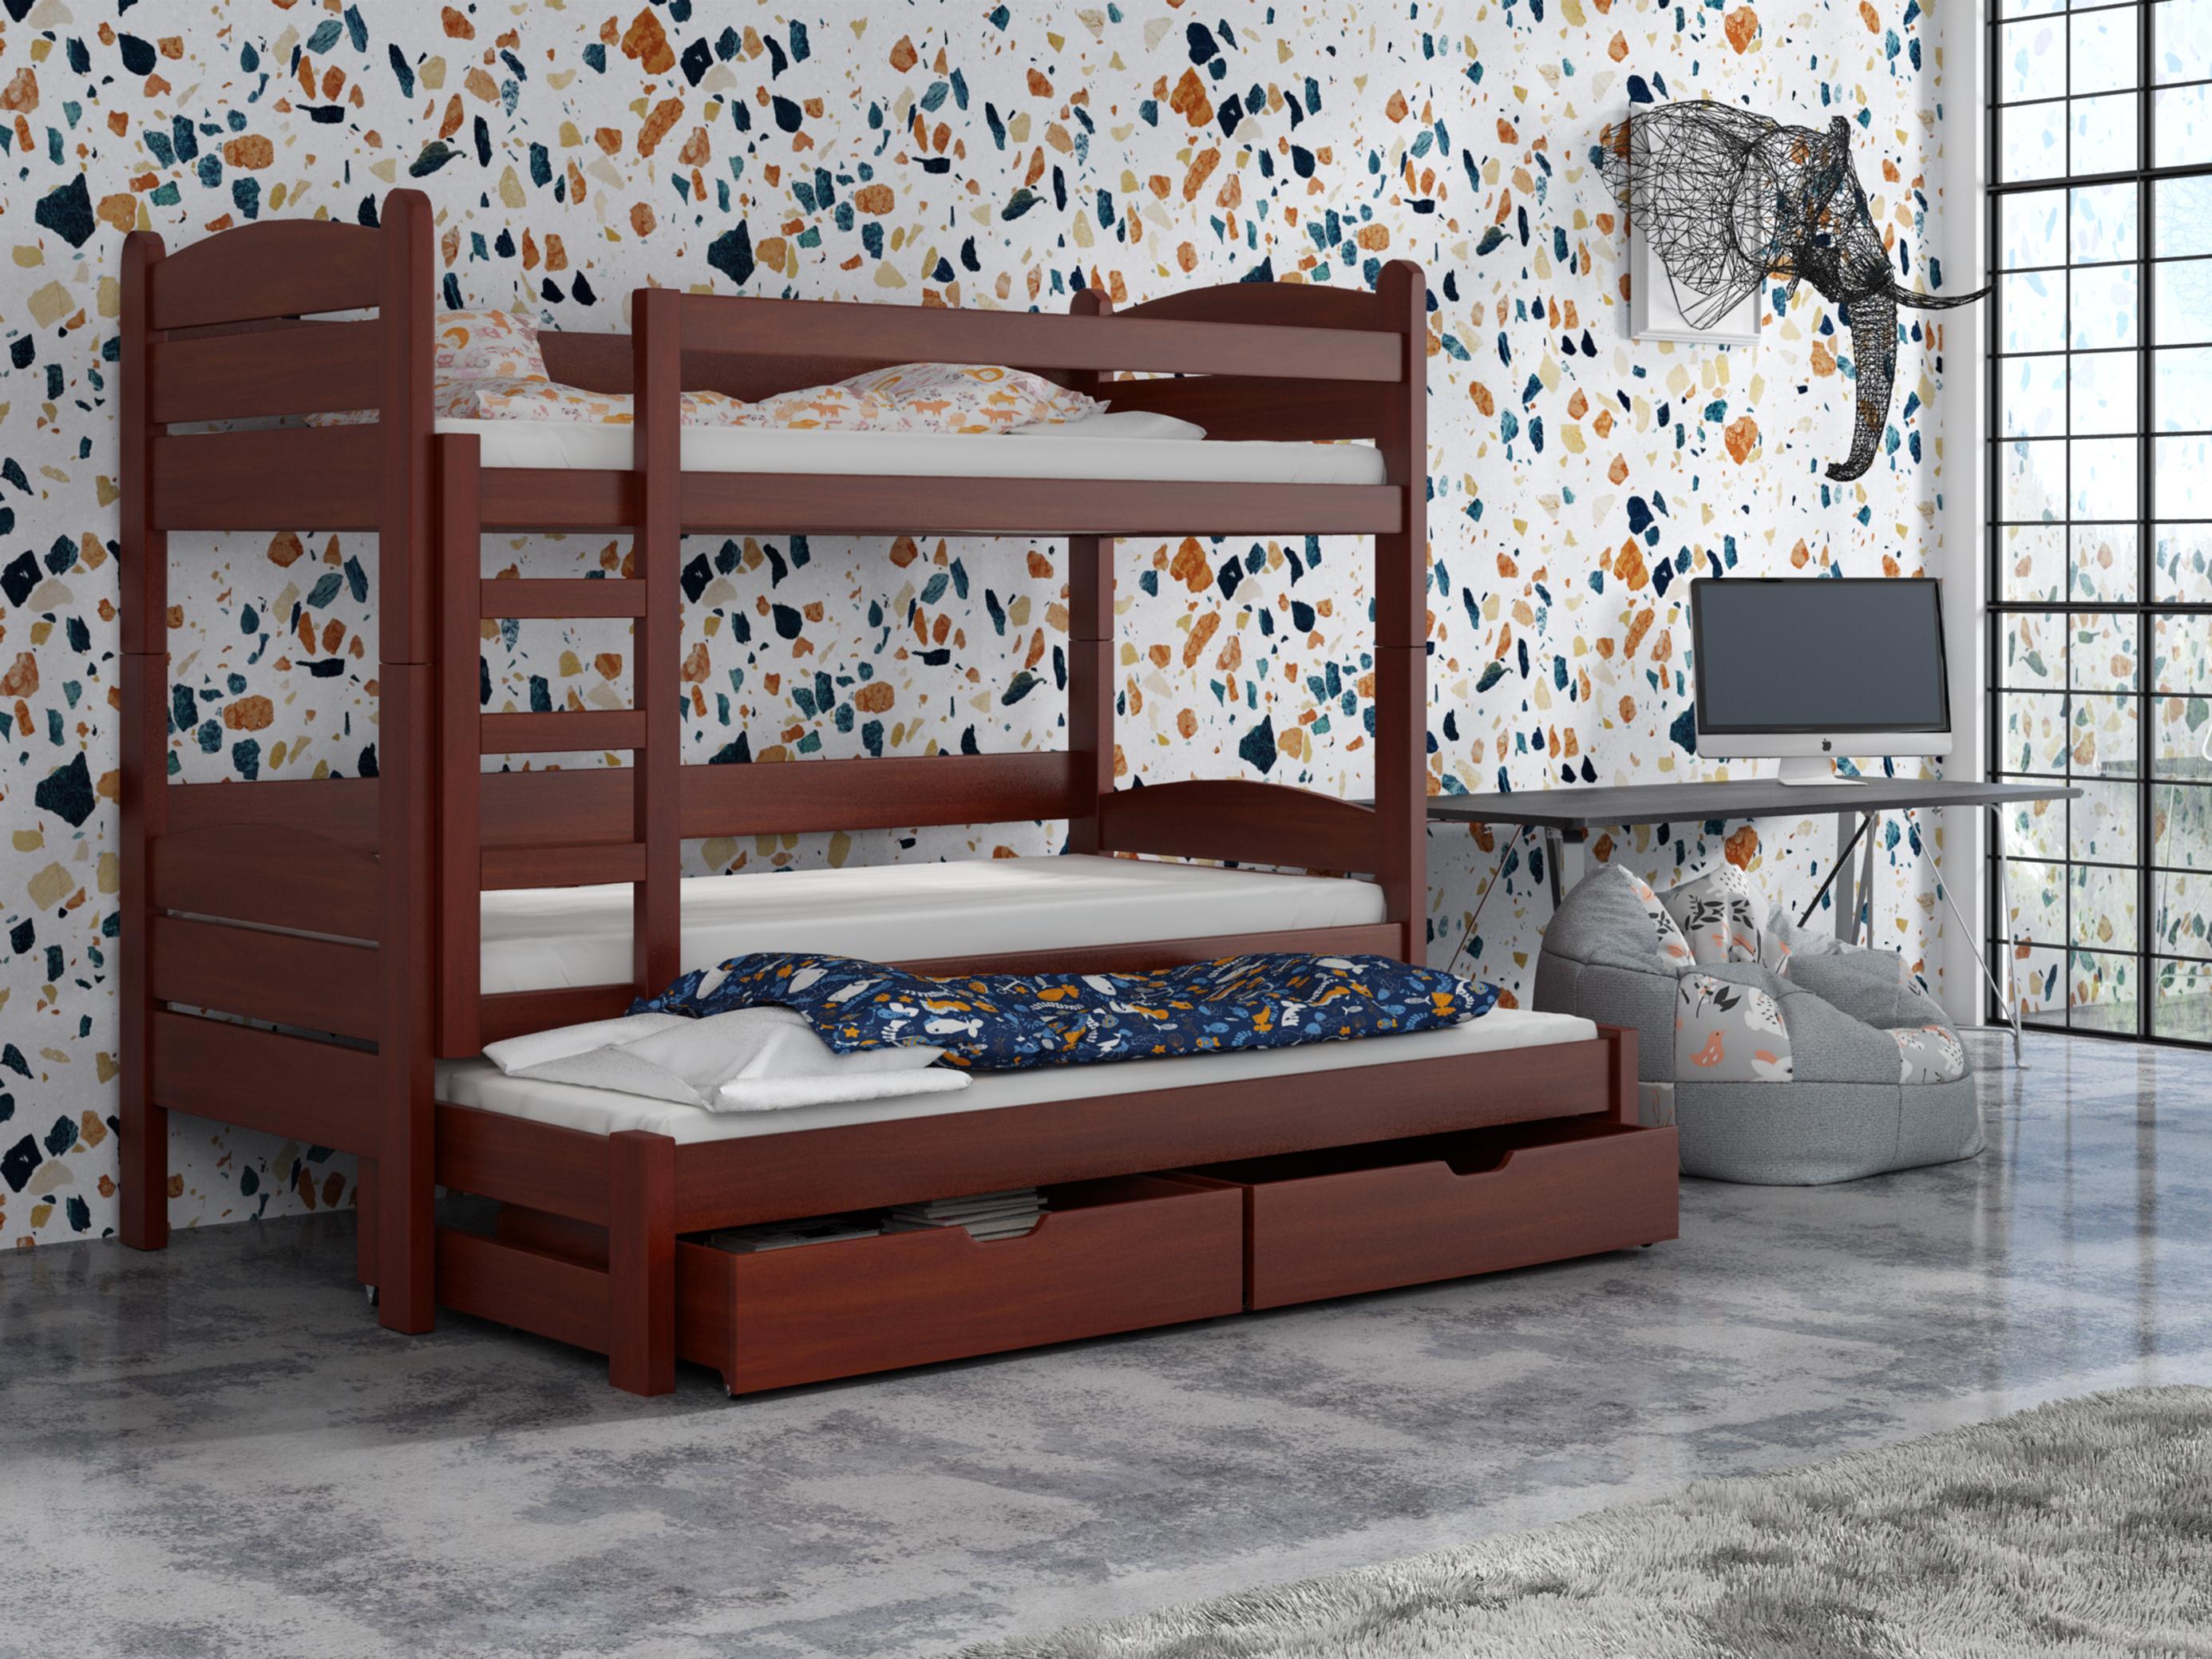 Dětská patrová postel 90 cm - Celsa (calvados)